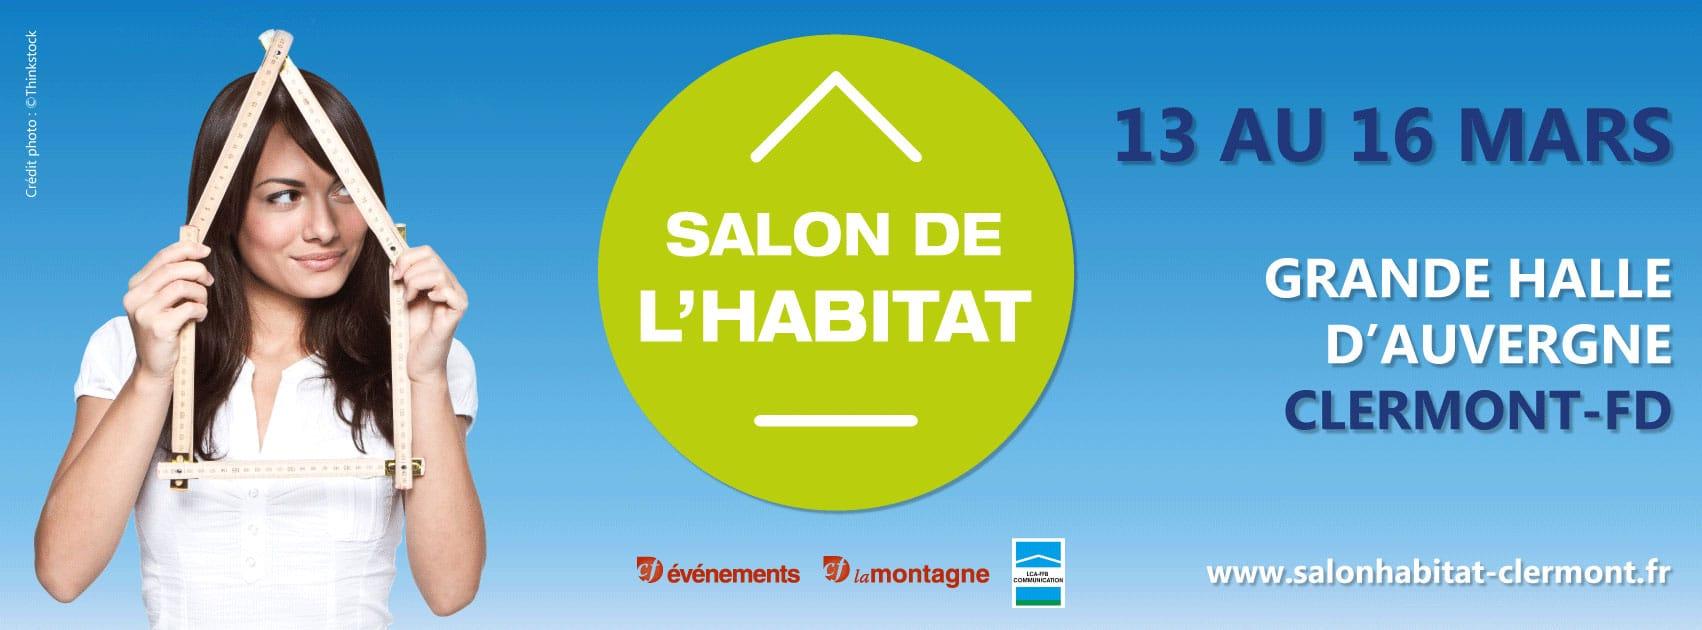 Salon de l'habitat du 13 au 16 mars 2020 à clermont